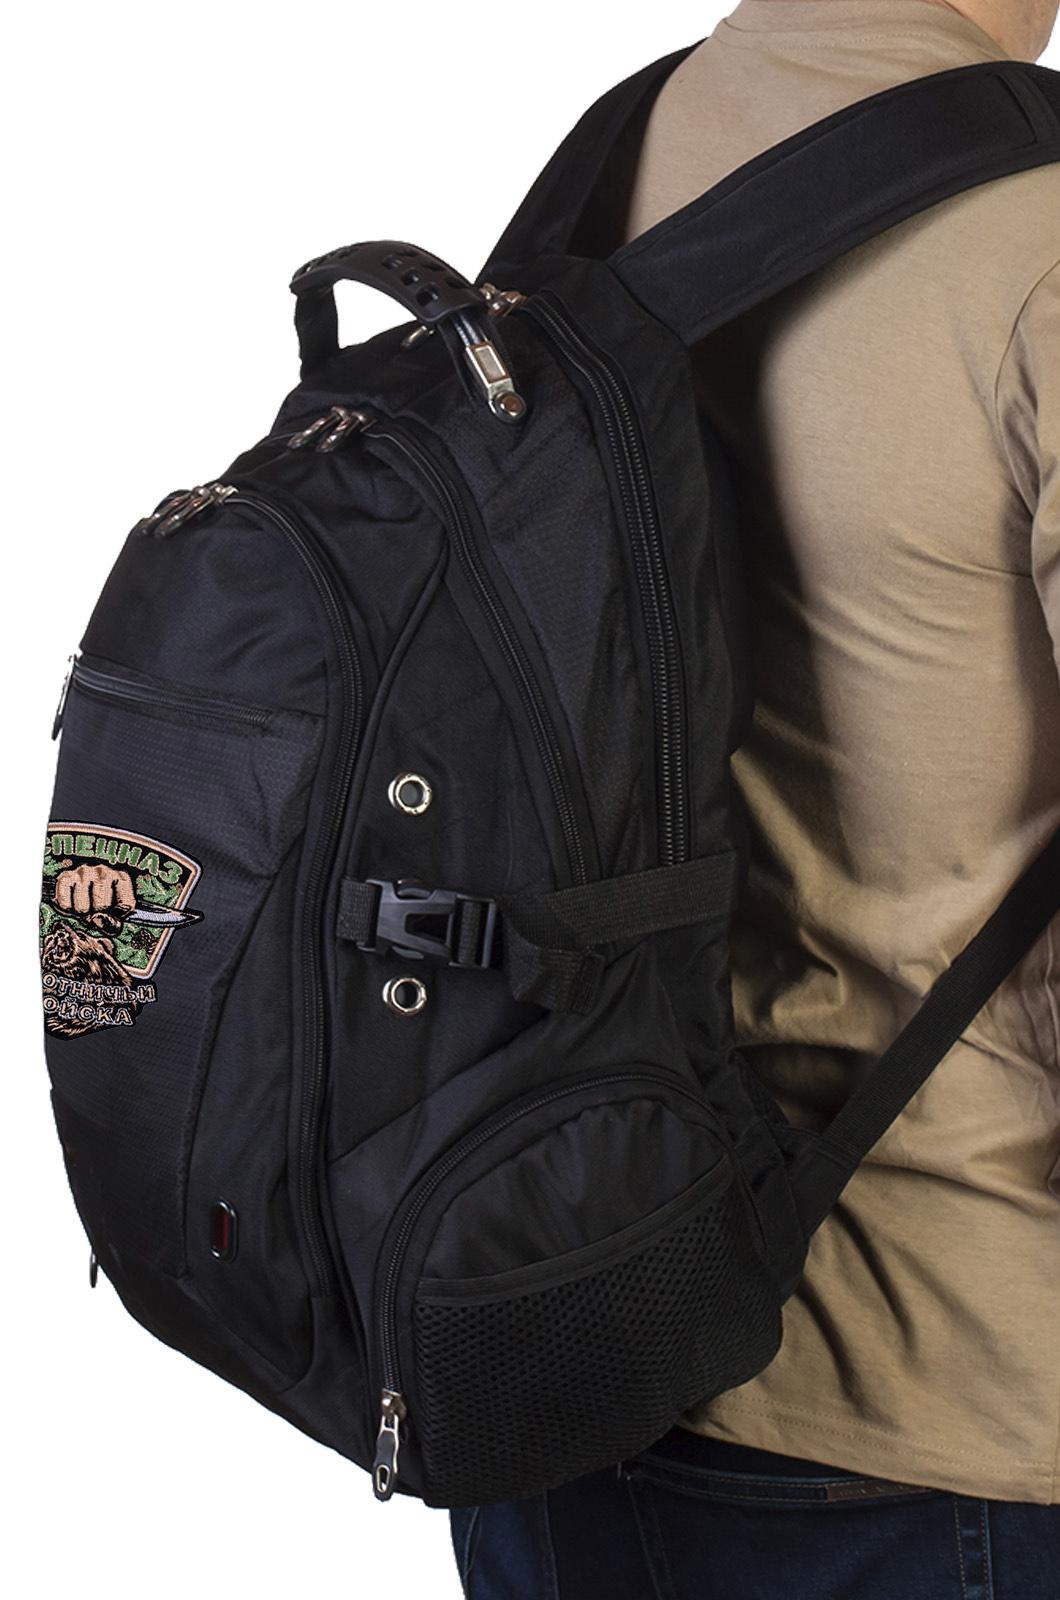 Вместительный черный рюкзак с эмблемой Охотничьего спецназа купить с доставкой